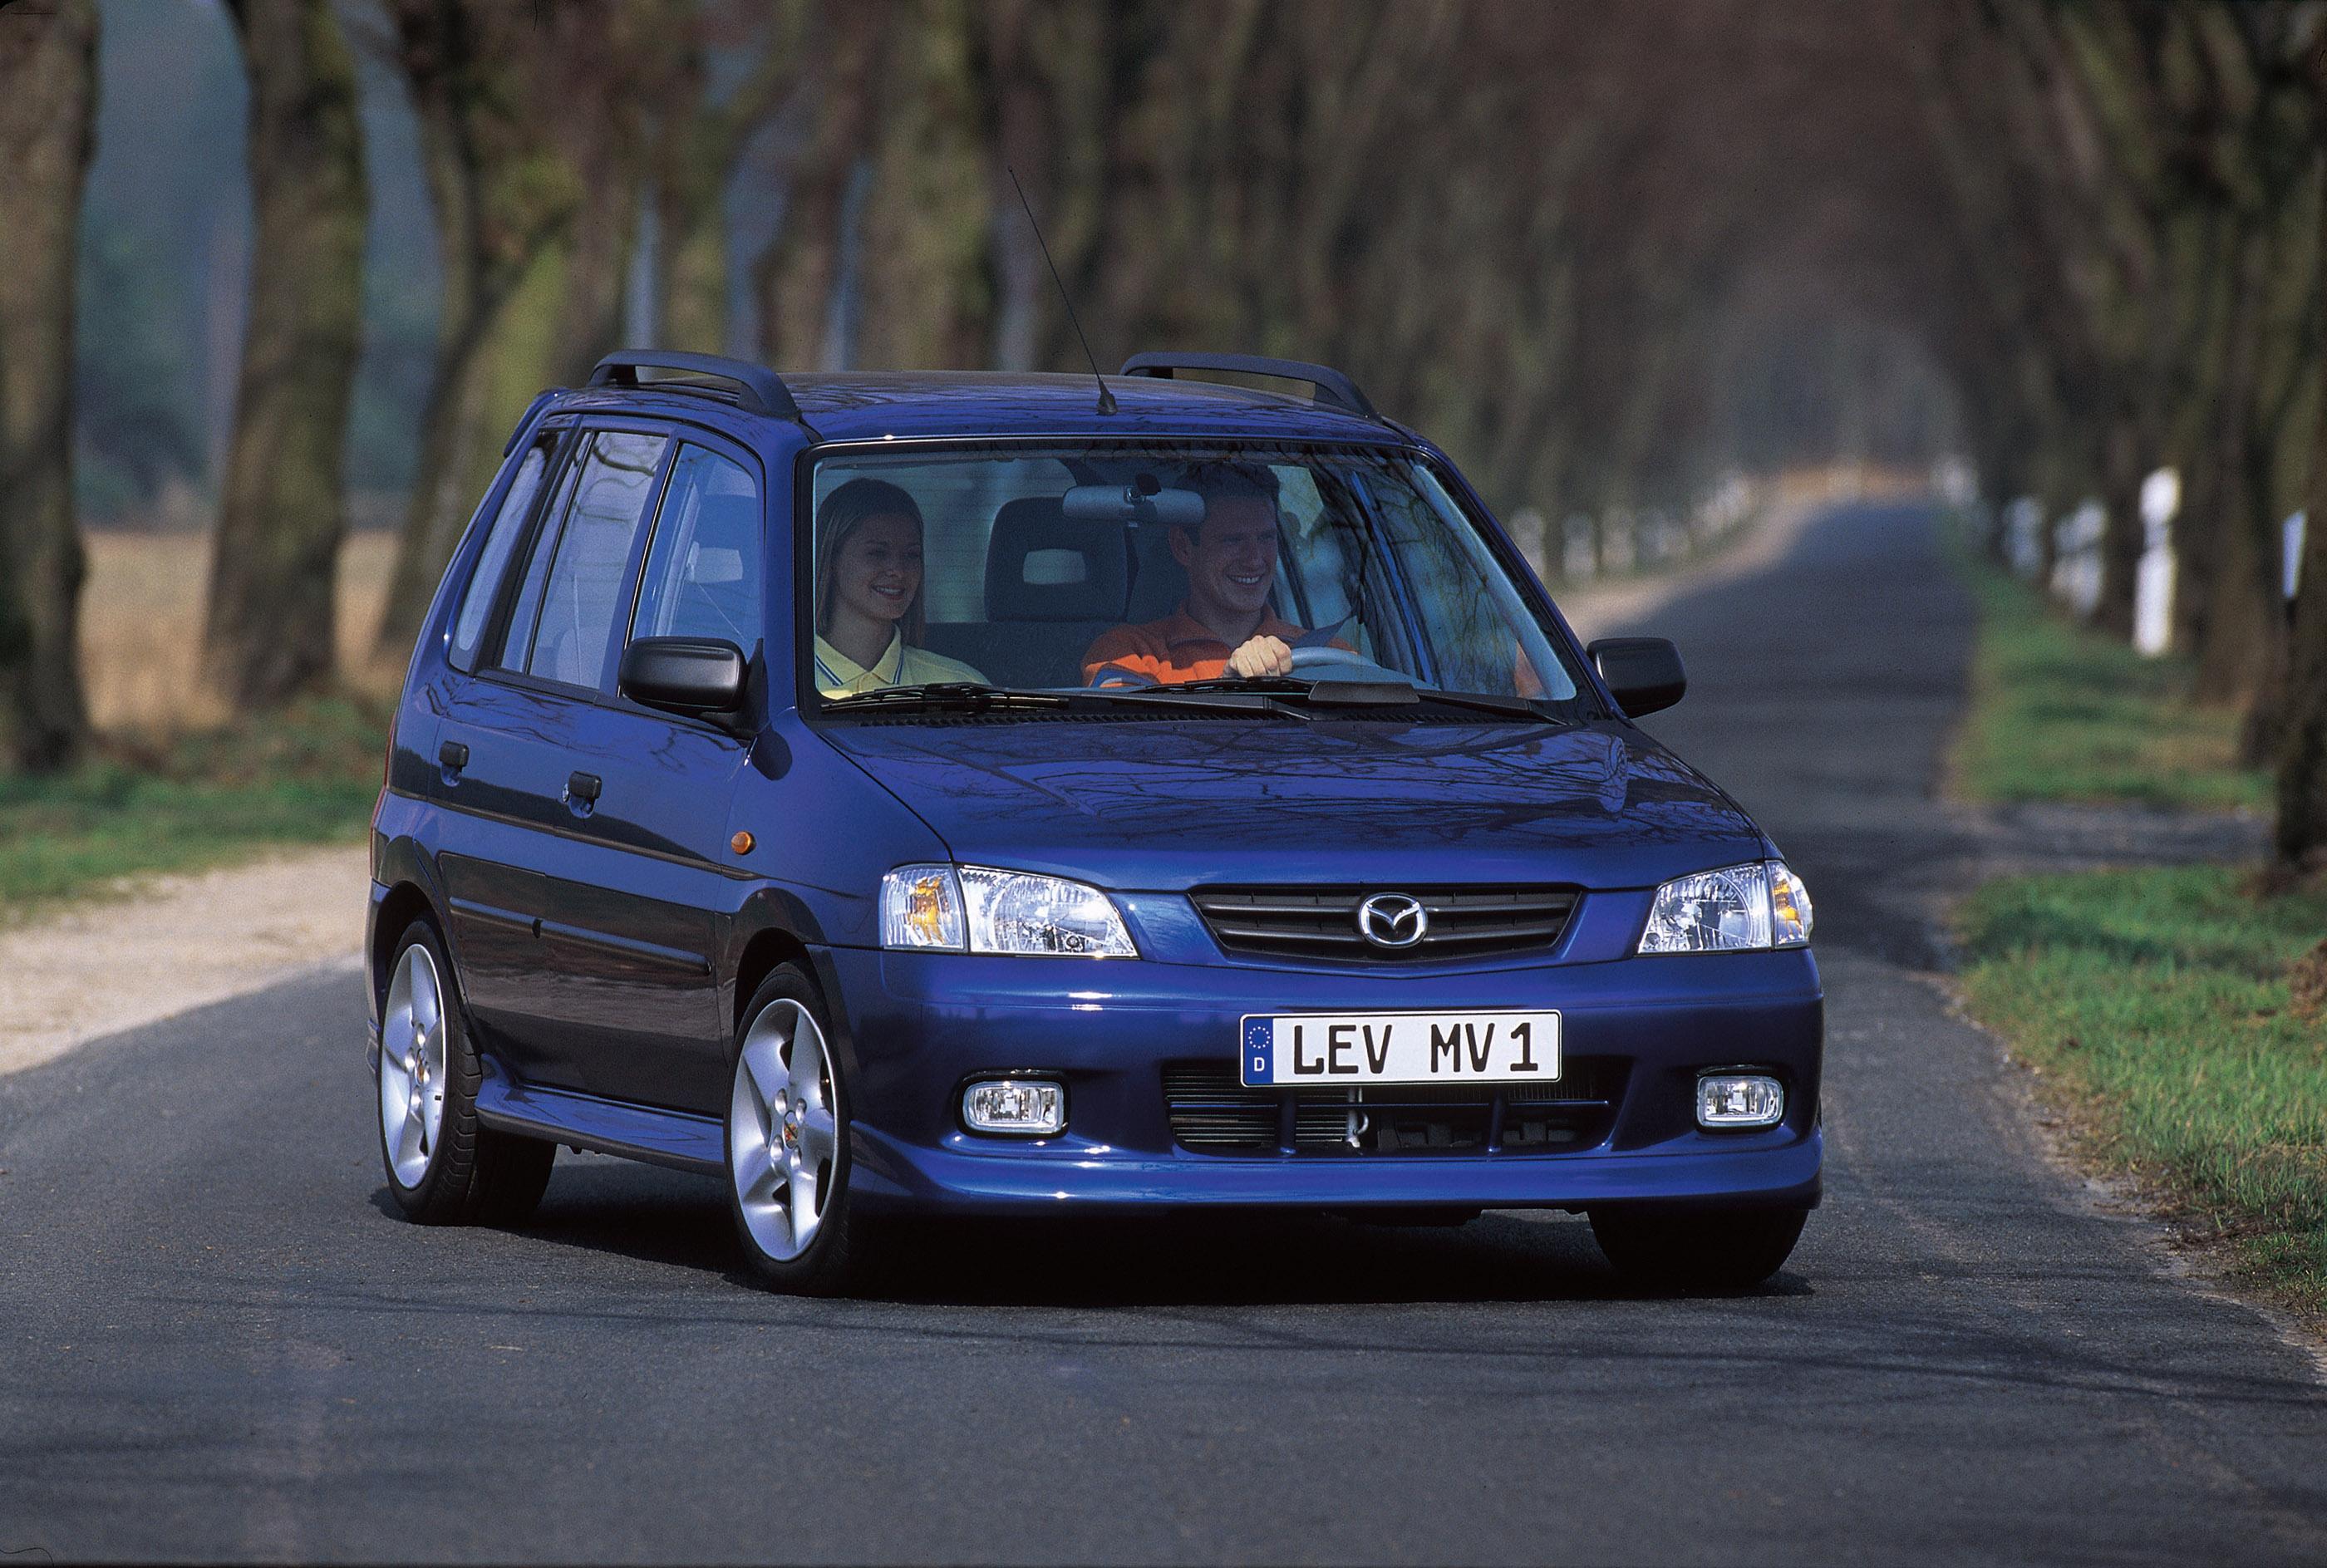 https://www.automobilesreview.com/img/2000-mazda-demio/2000-mazda-demio-02.jpg